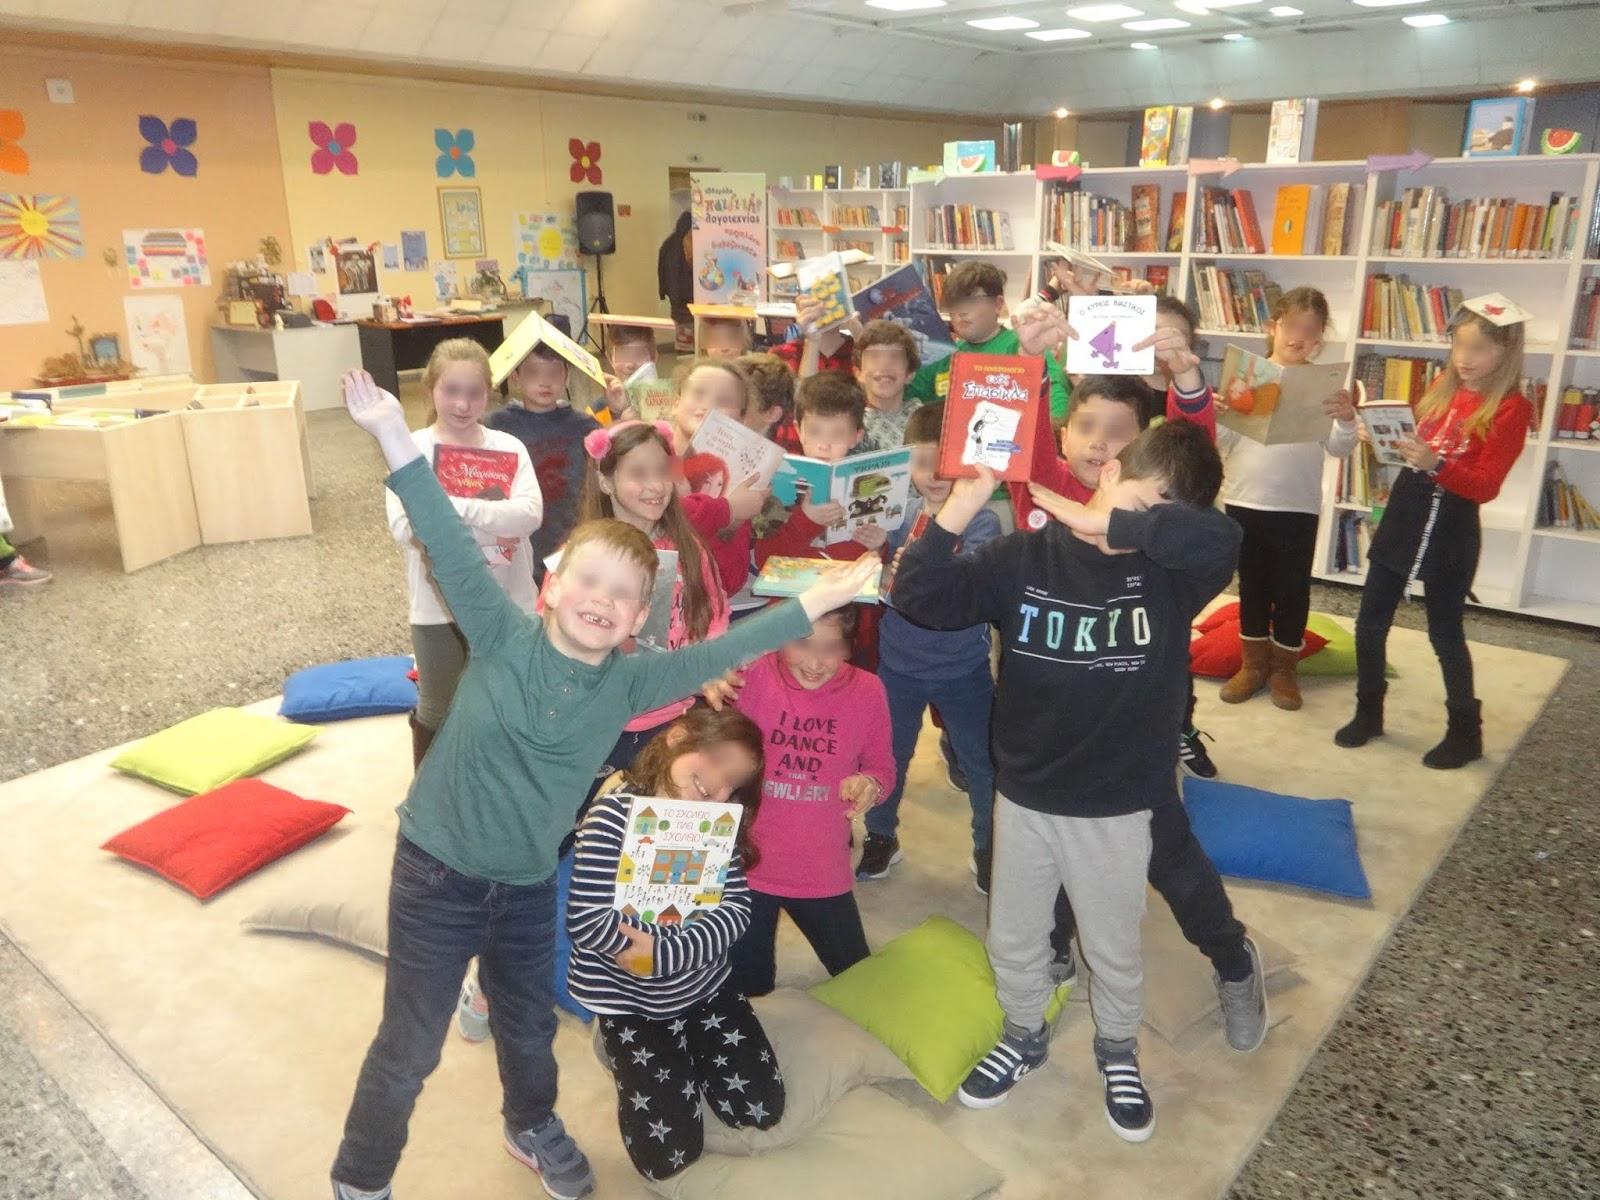 Γιορτή λήξης των Λεσχών Ανάγνωσης Δημοτικής Βιβλιοθήκης Λάρισας